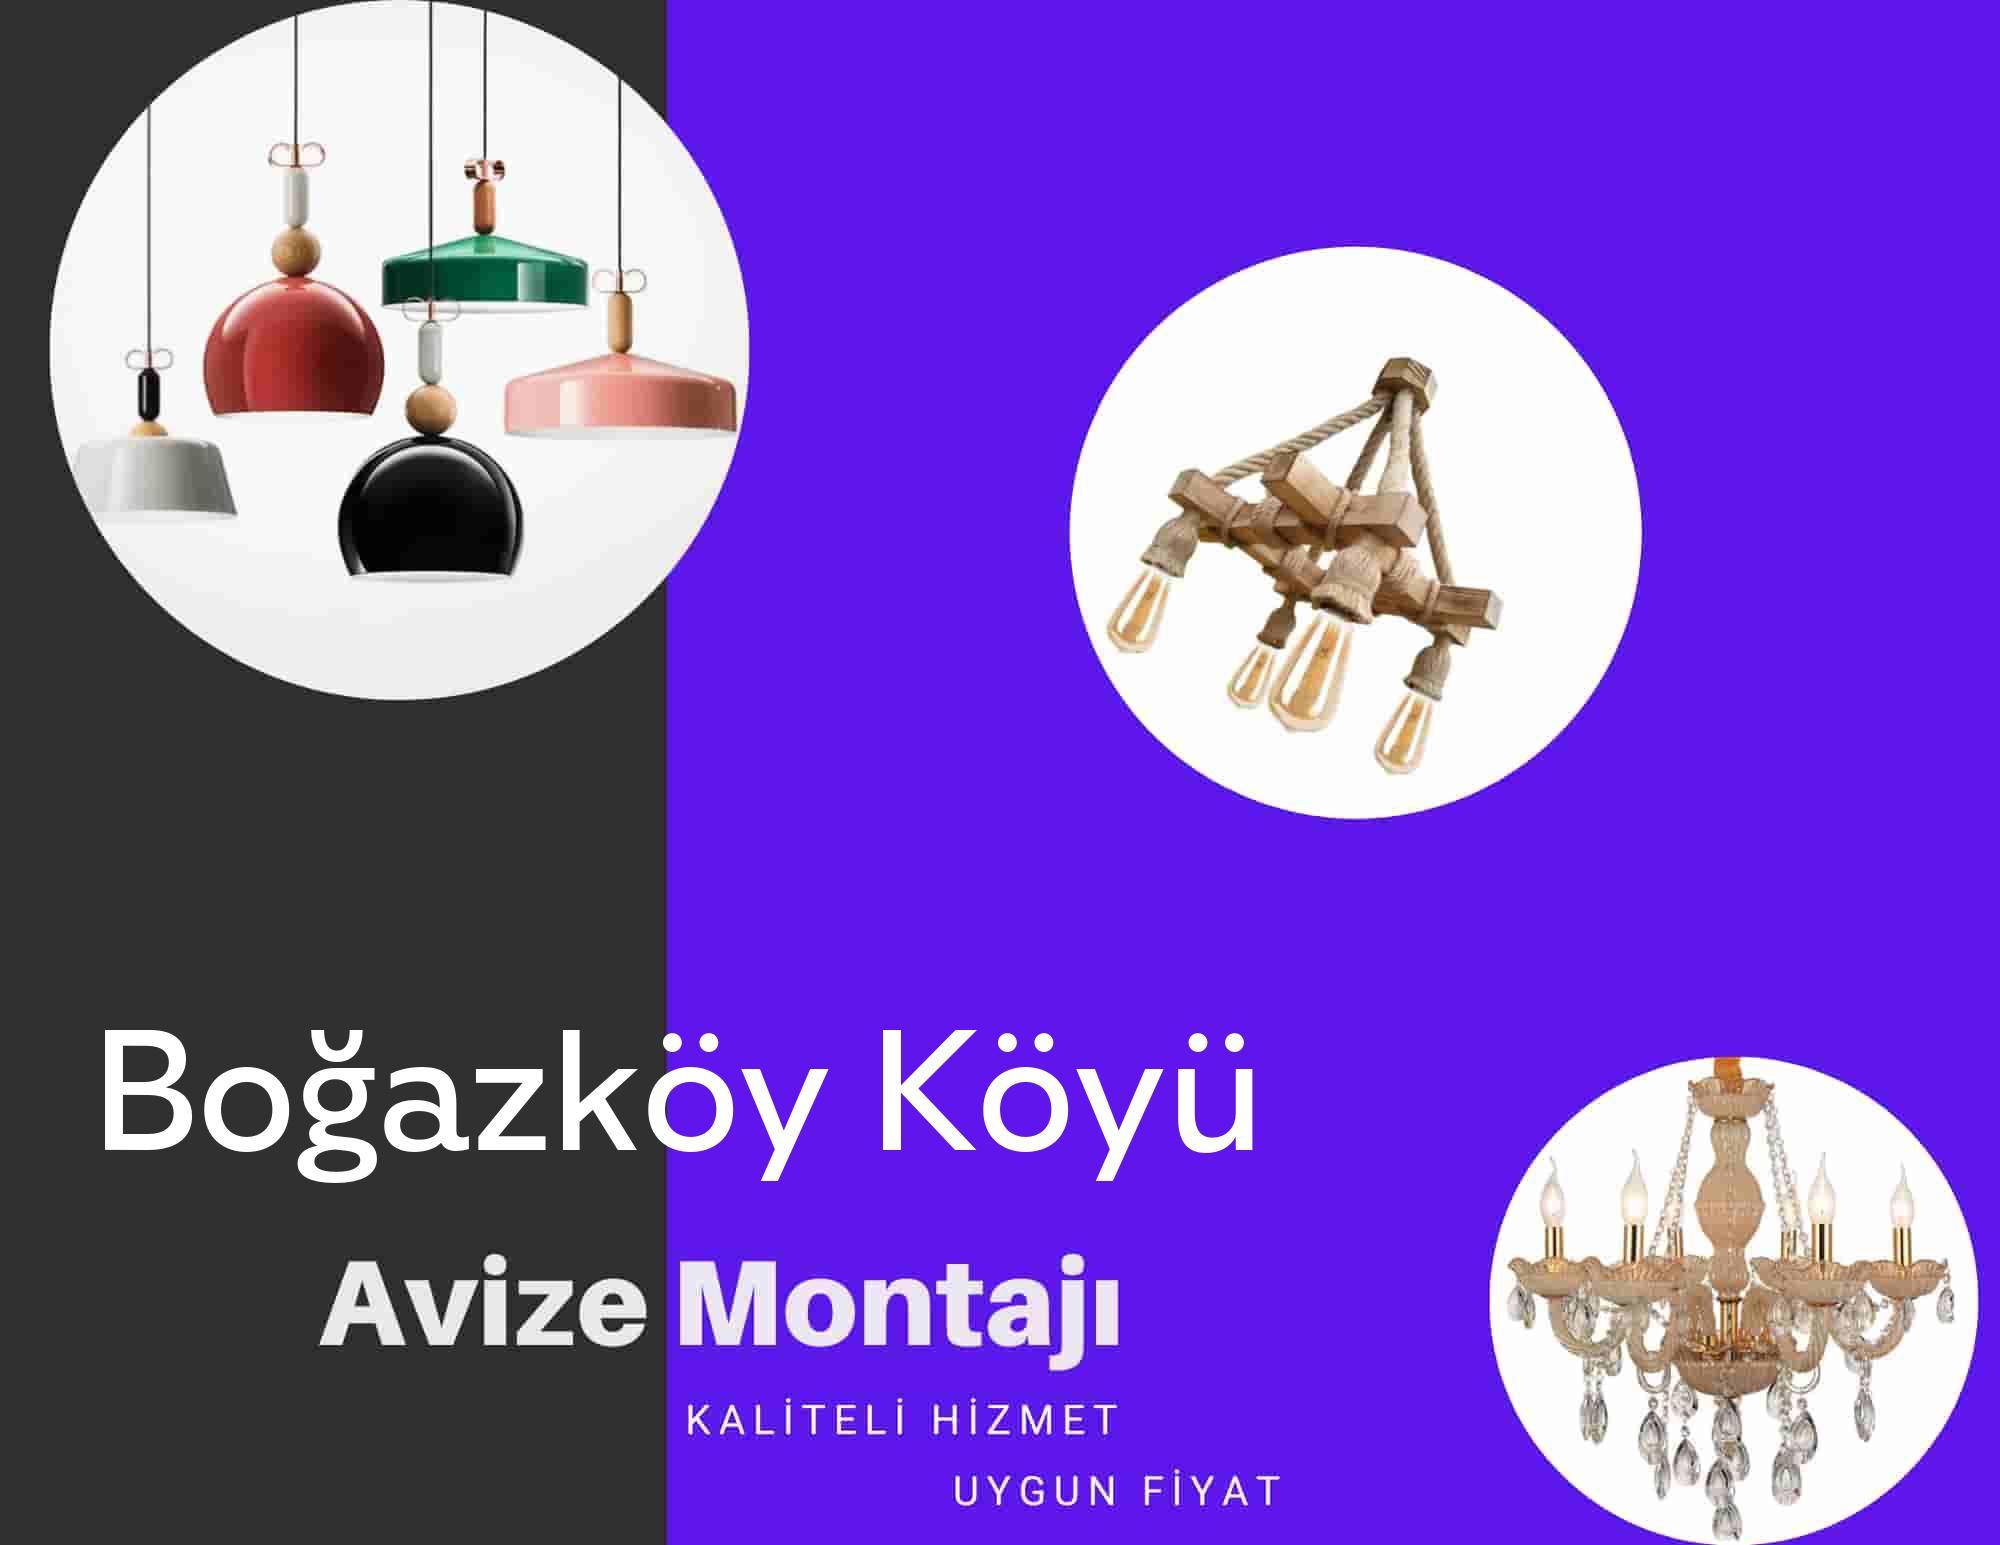 Boğazköy Köyüde avize montajı yapan yerler arıyorsanız elektrikcicagir anında size profesyonel avize montajı ustasını yönlendirir.